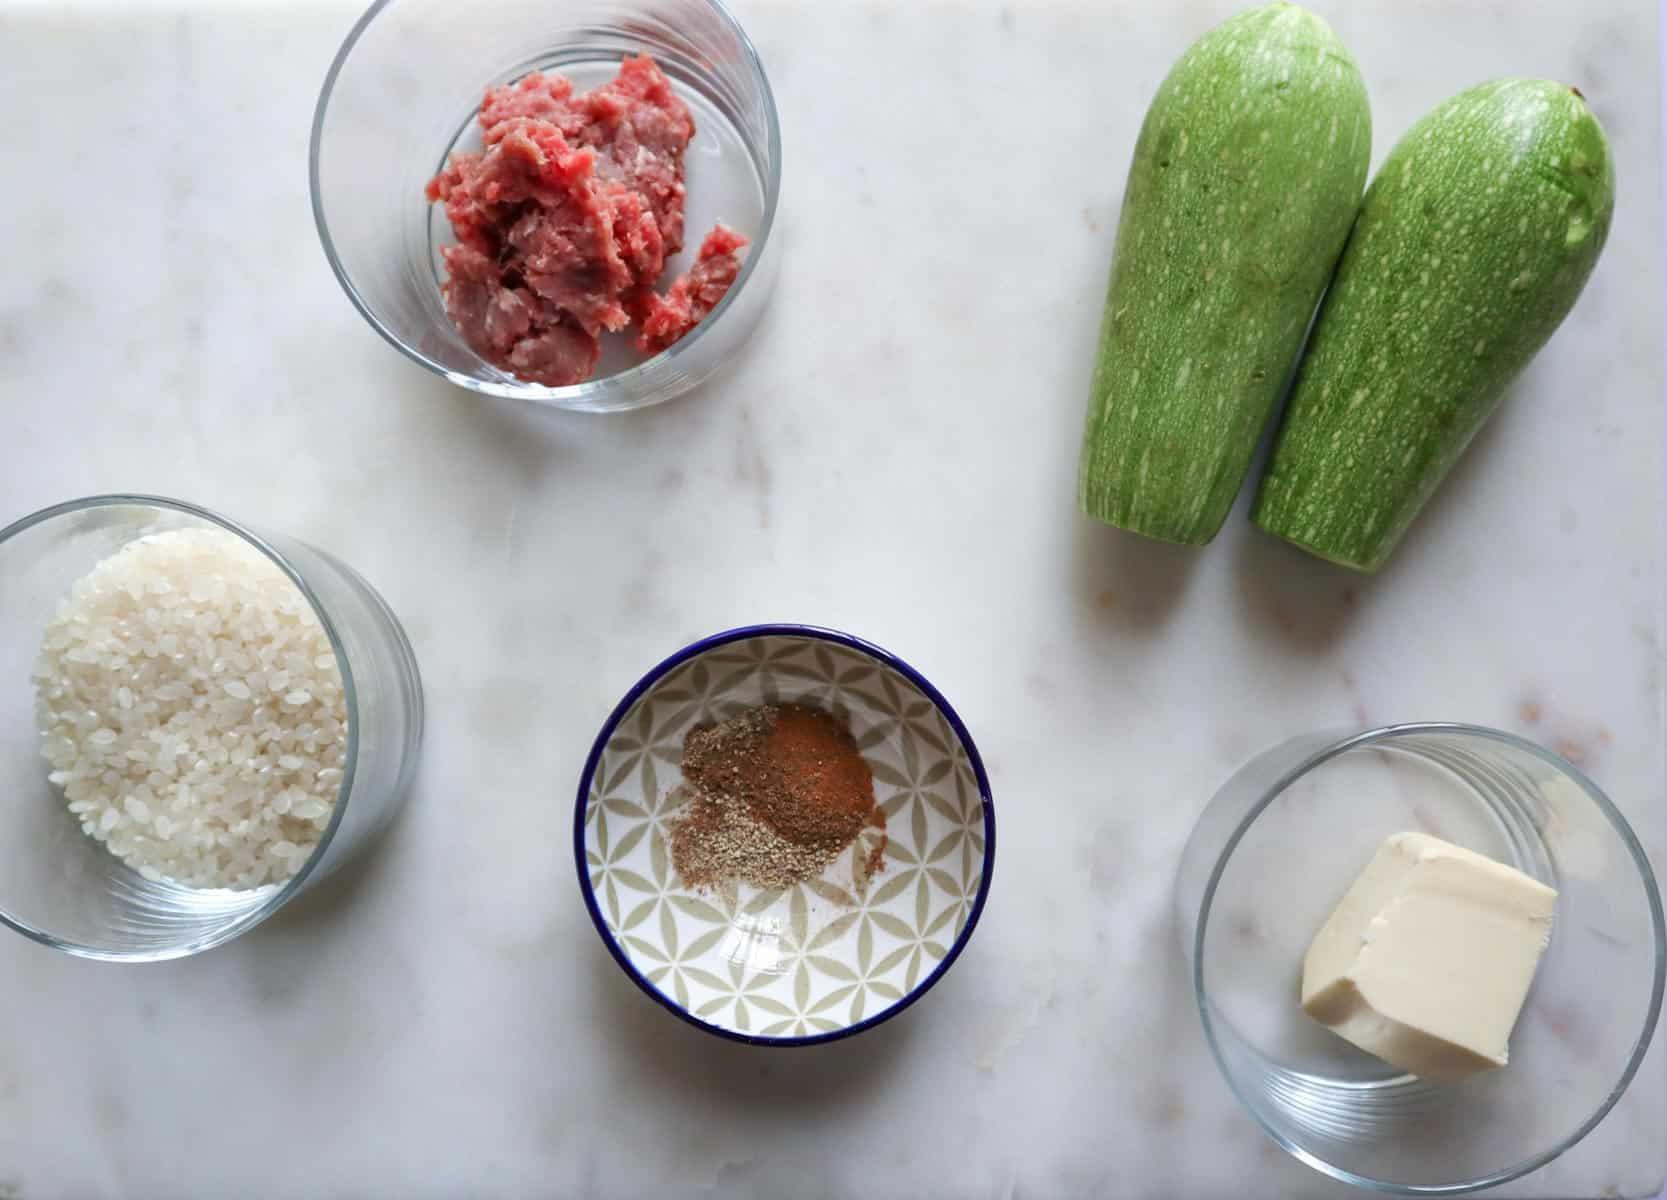 ingredients needed to make mahshi kousa